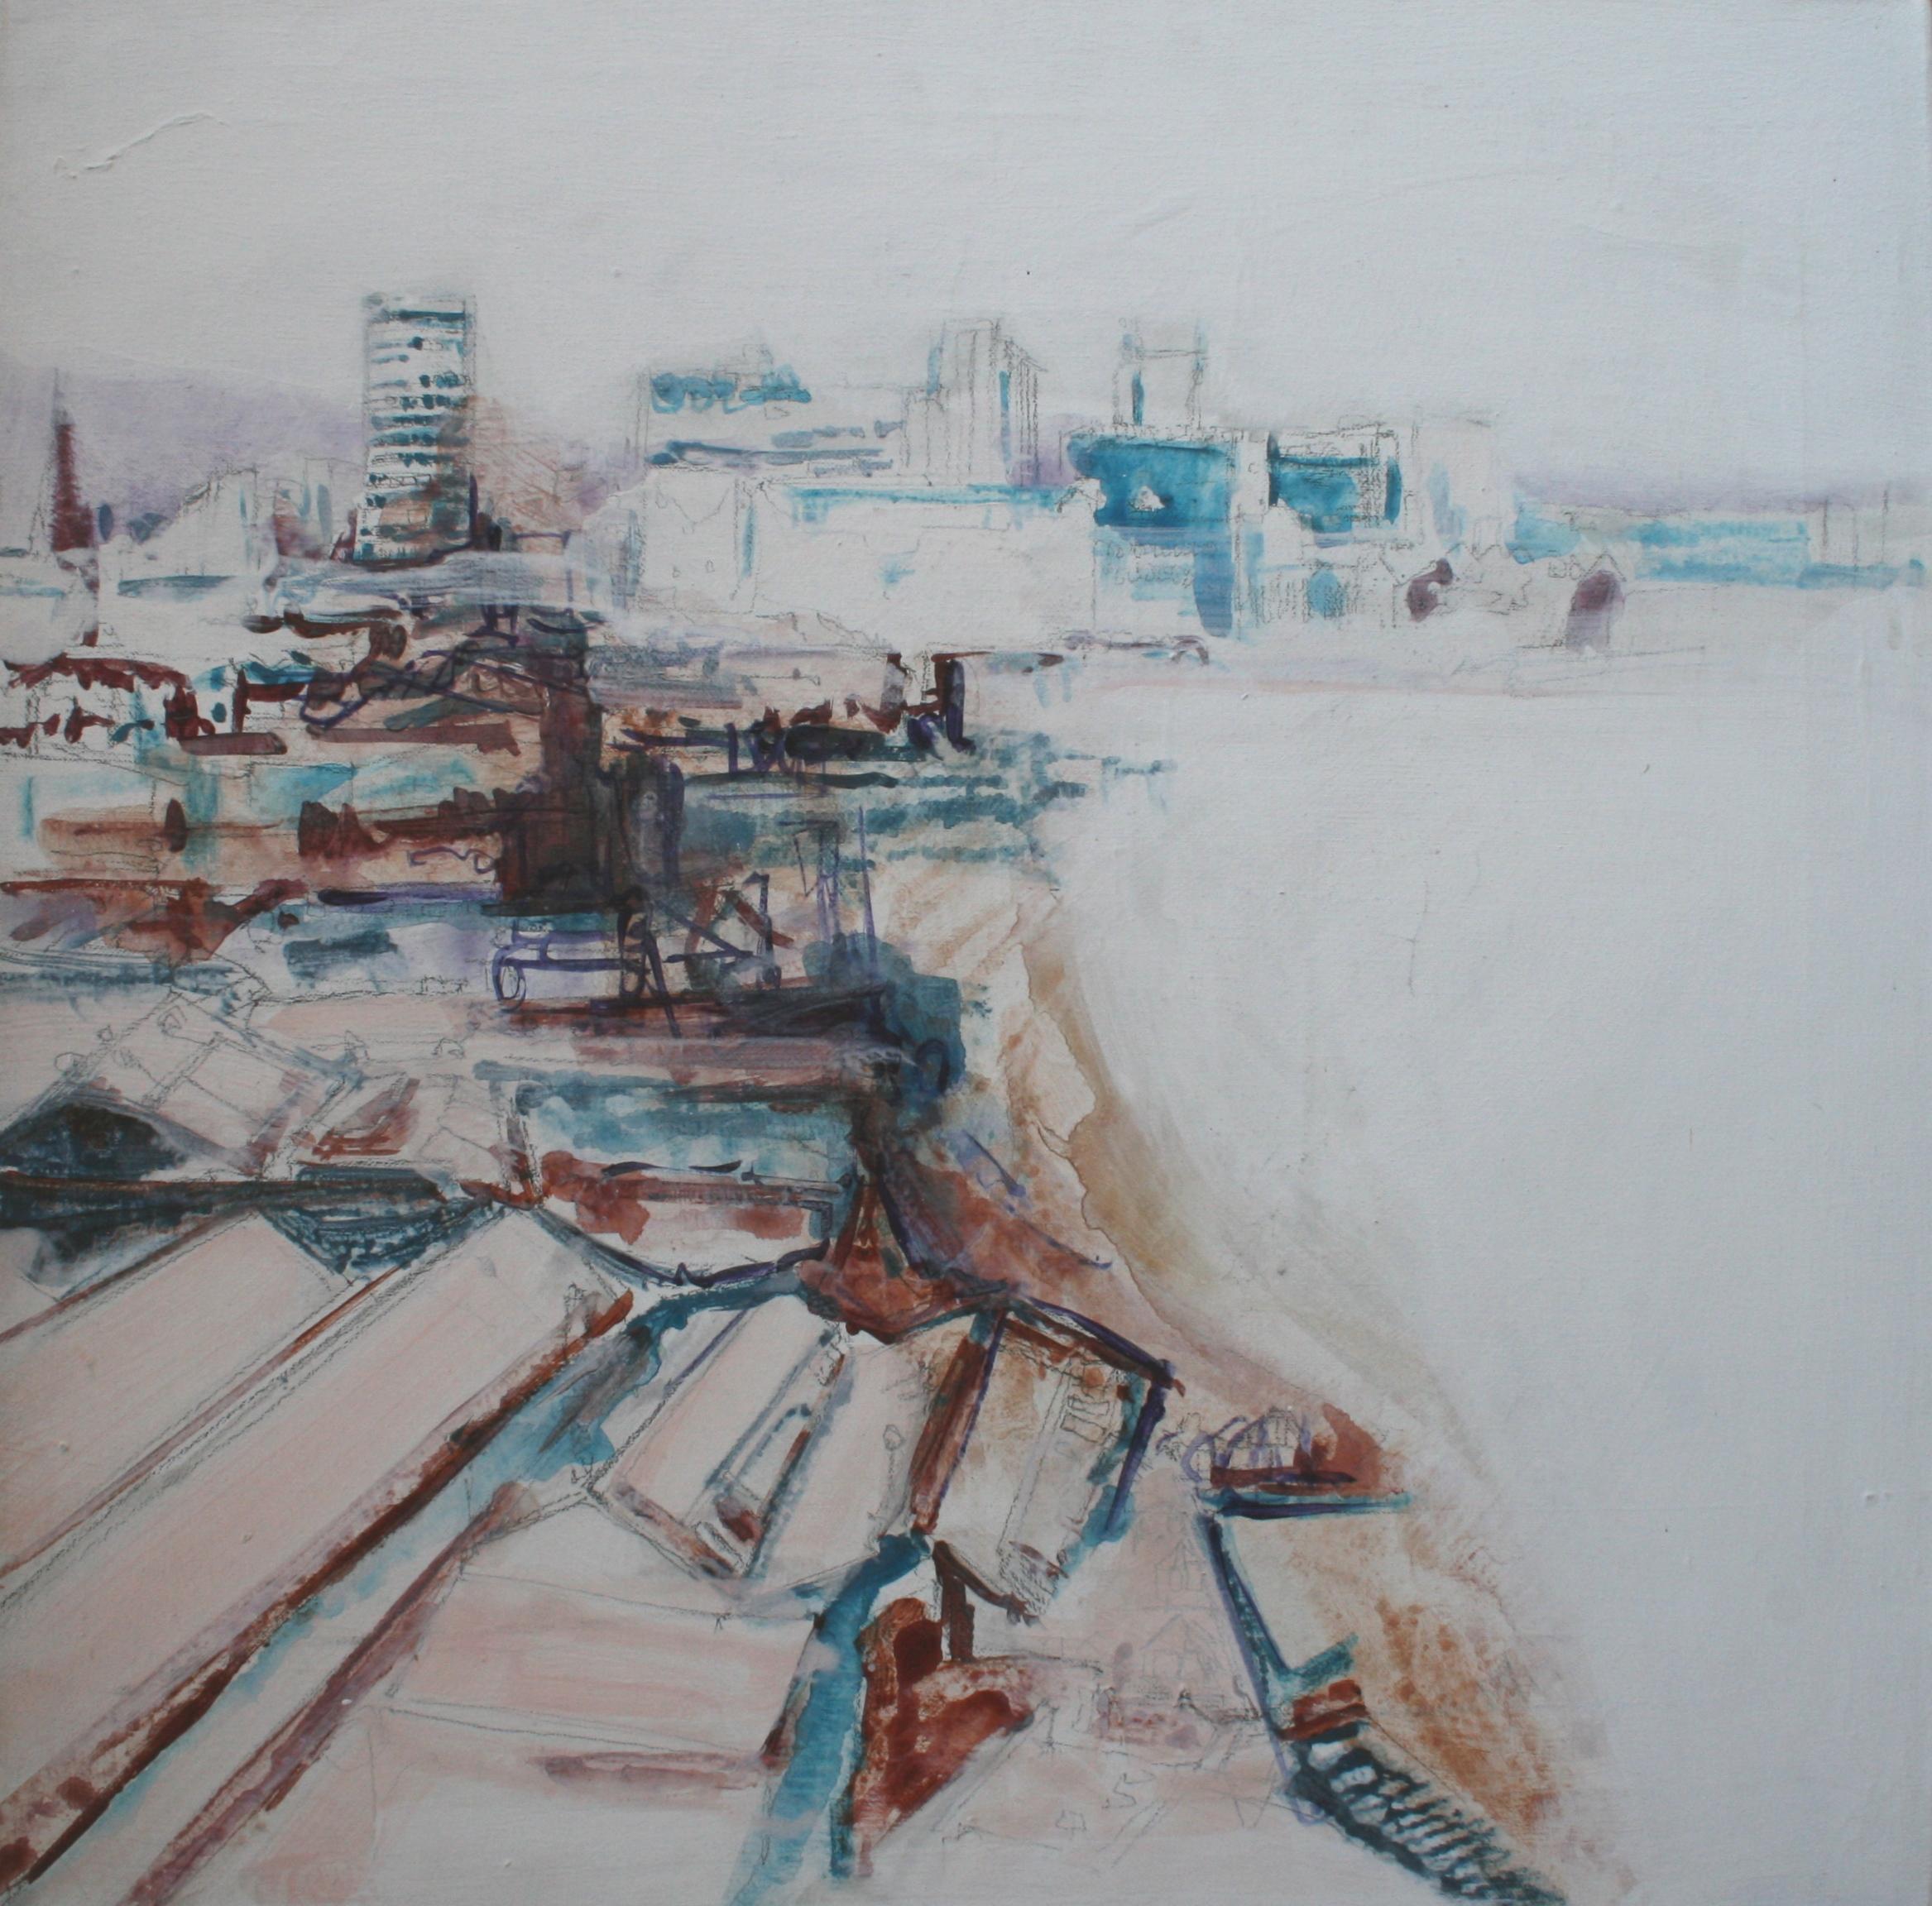 digbeth, acrylic on canvas, 61 x 61cm 2000